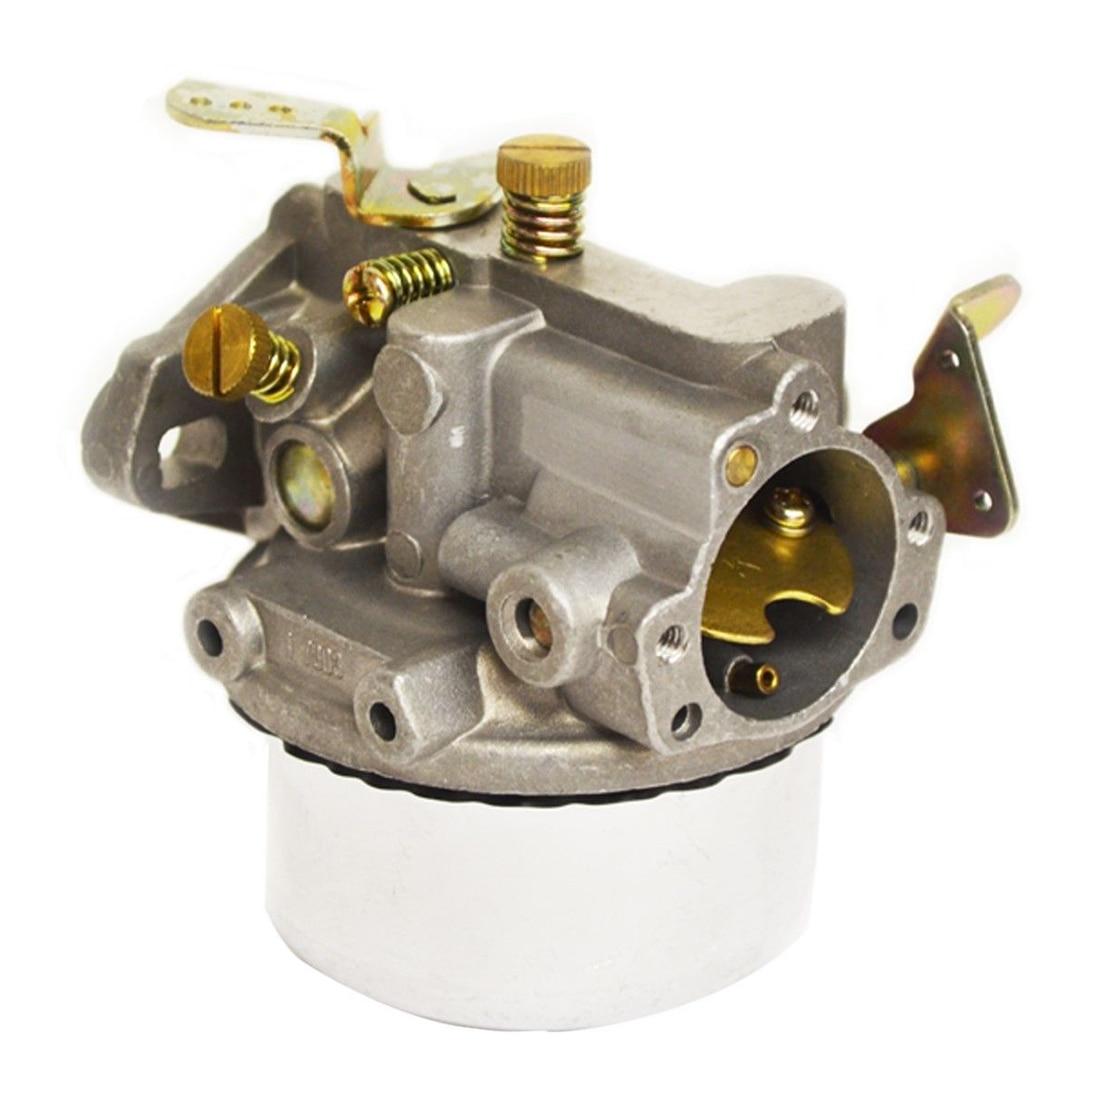 For Kohler Engine Motor Carb Carburetor For K90 K91 K141 K160 K161 K181 Engines